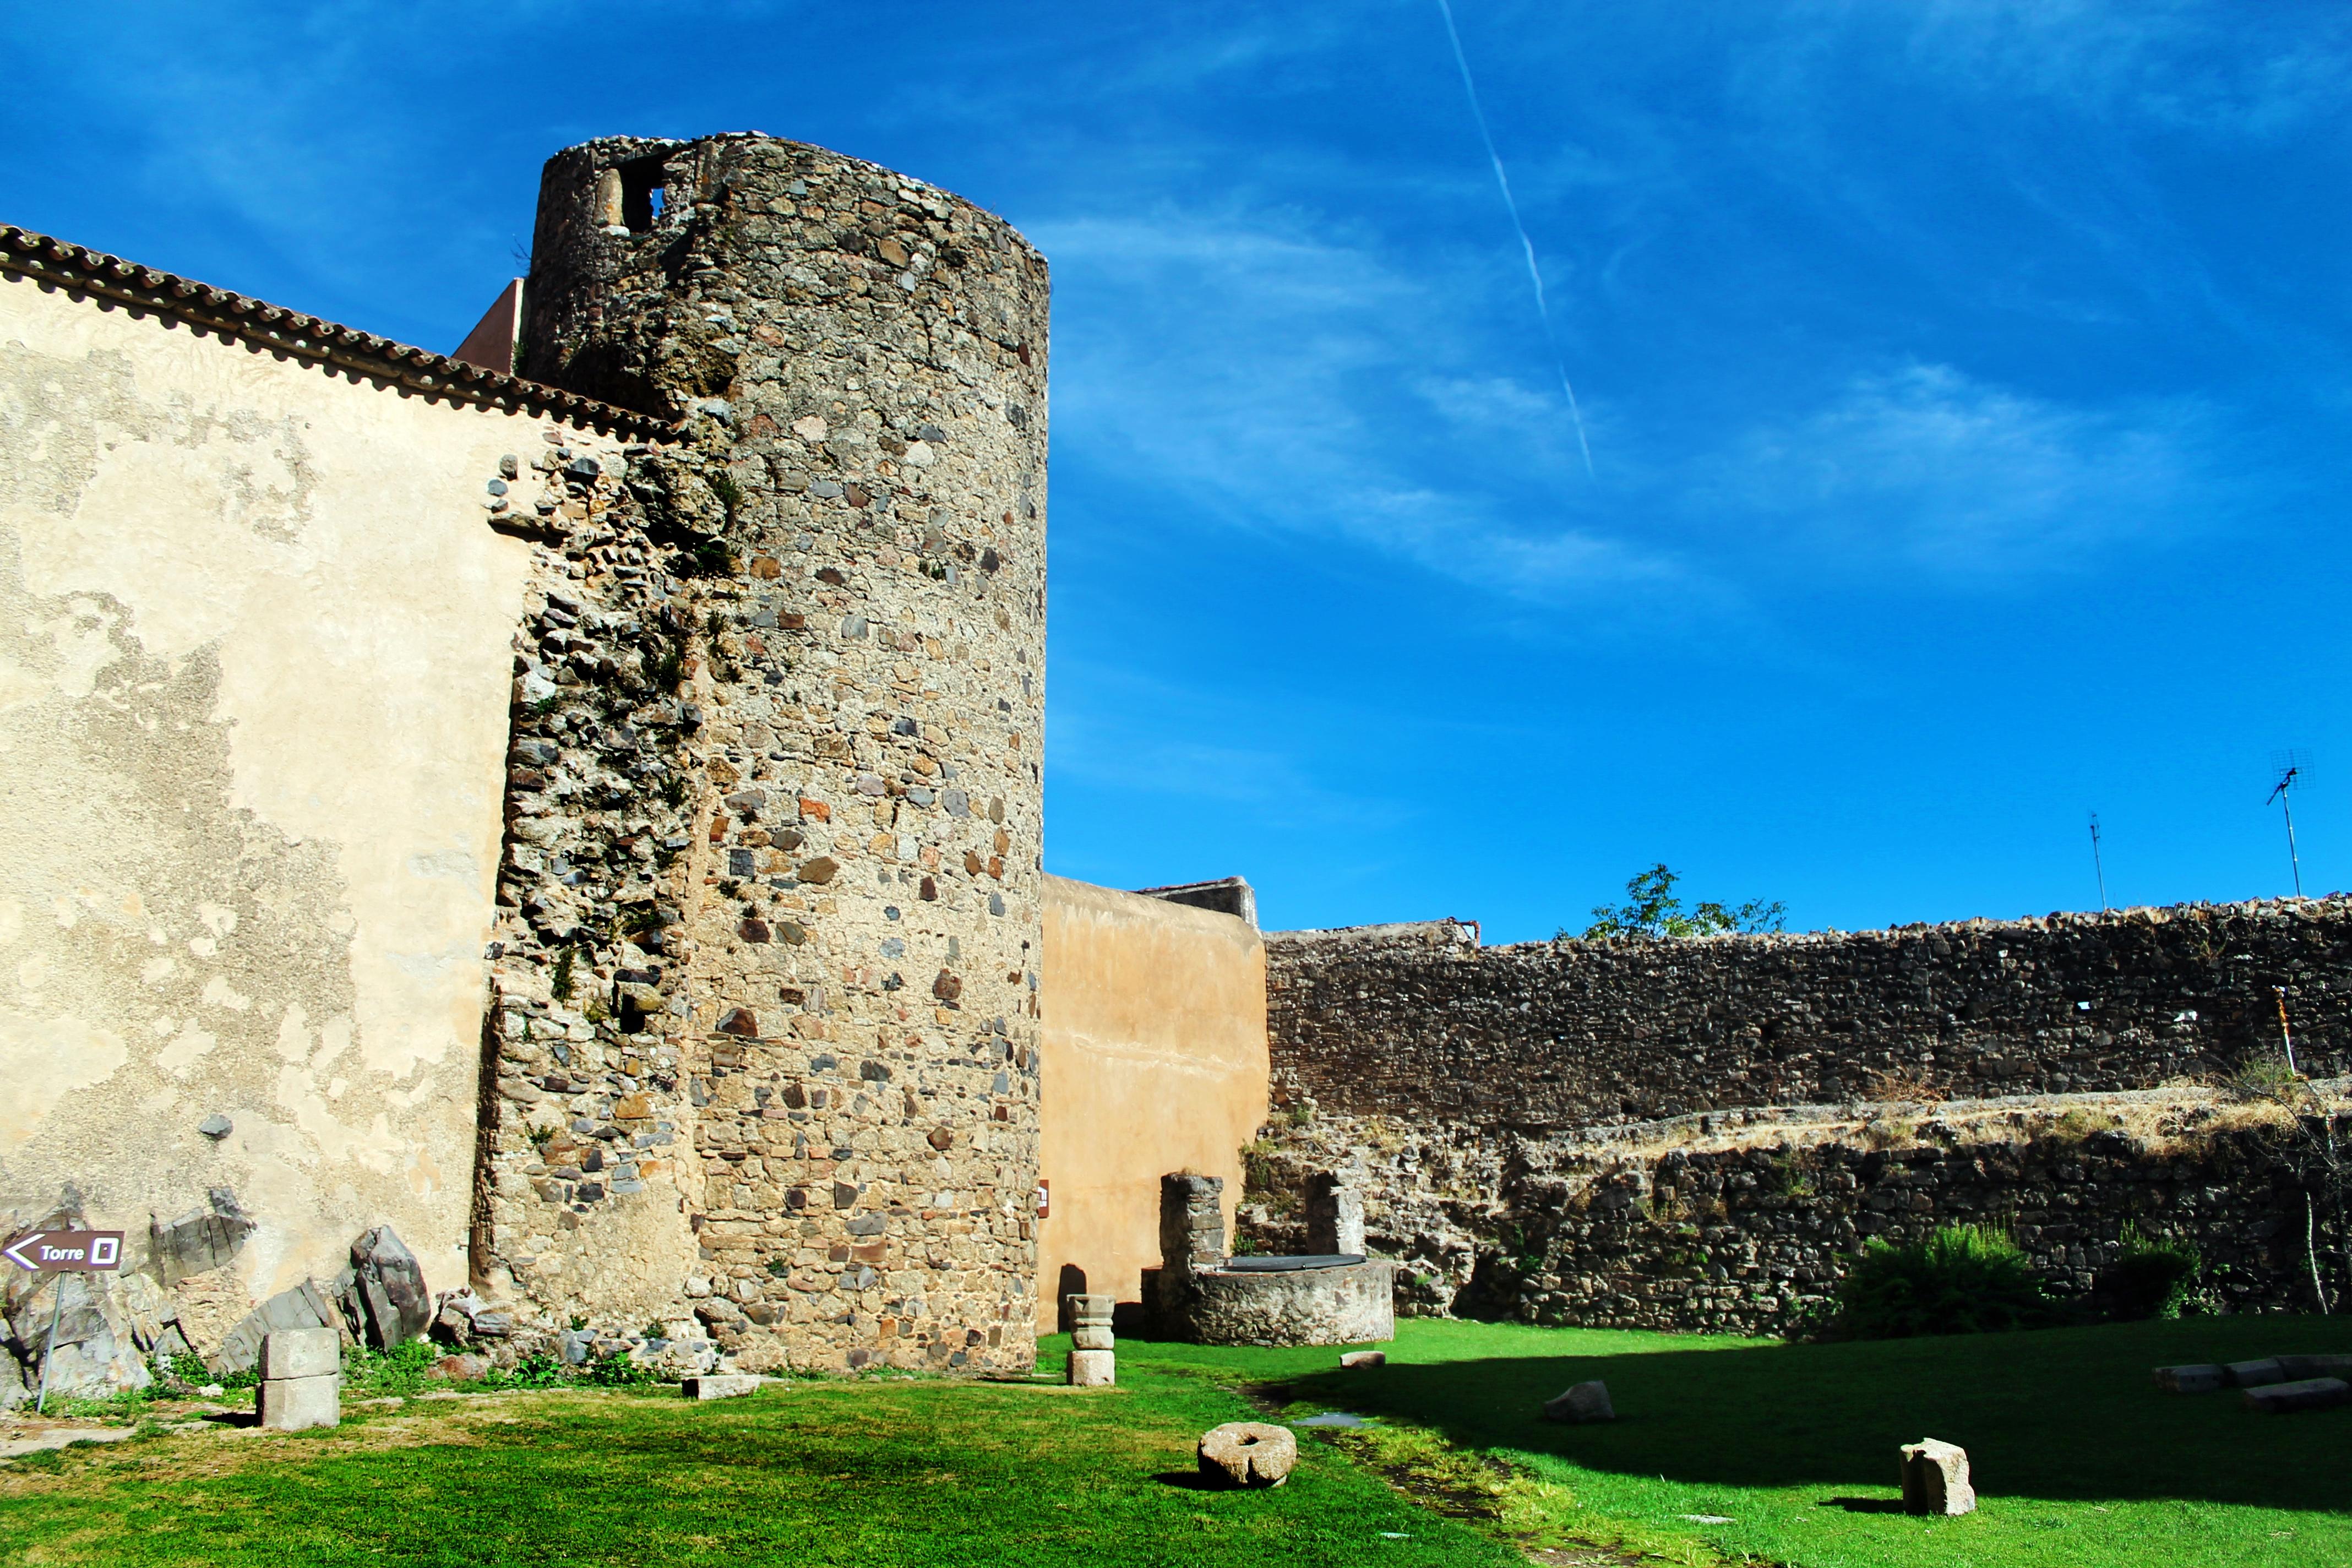 Visitar Castelo de Vide no Alentejo - Drawing Dreaming